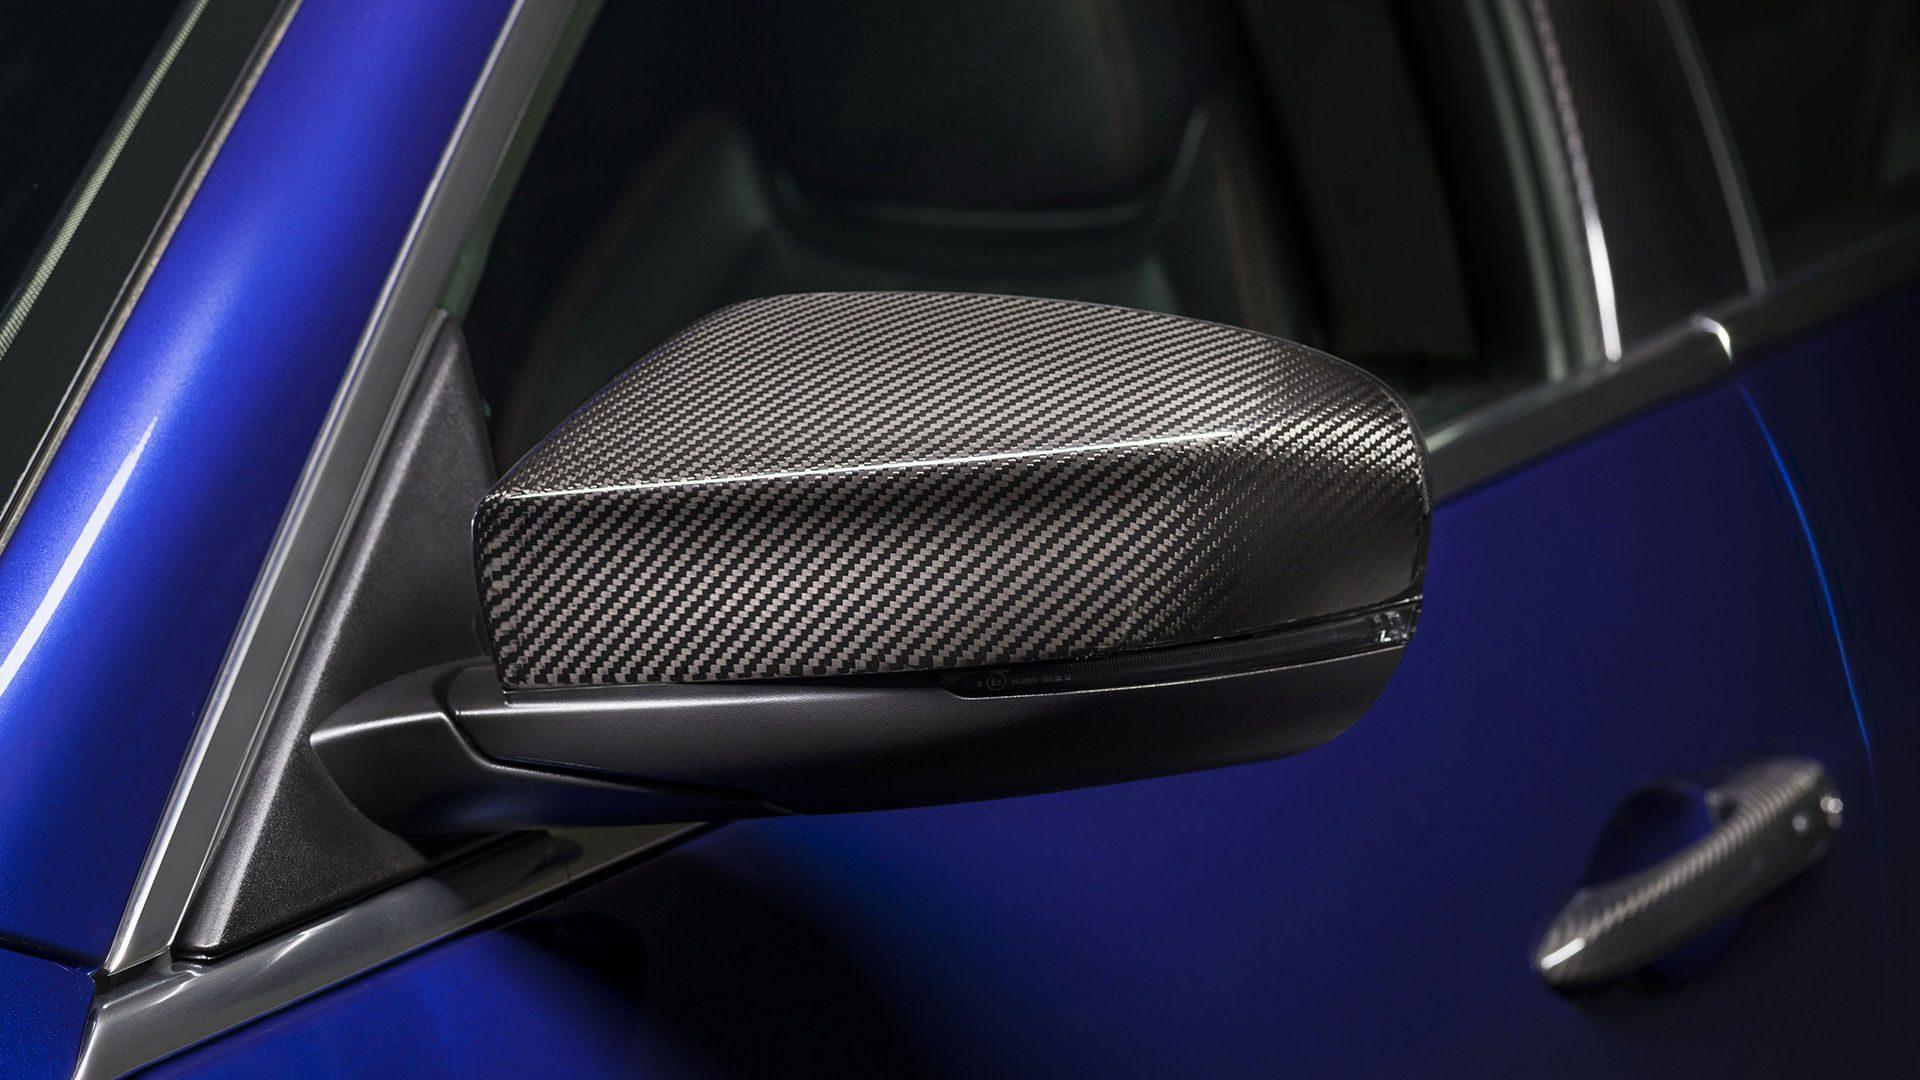 Kies dan voor het Nerissimo-pakket of het Nerissimo carbon fiber pakket